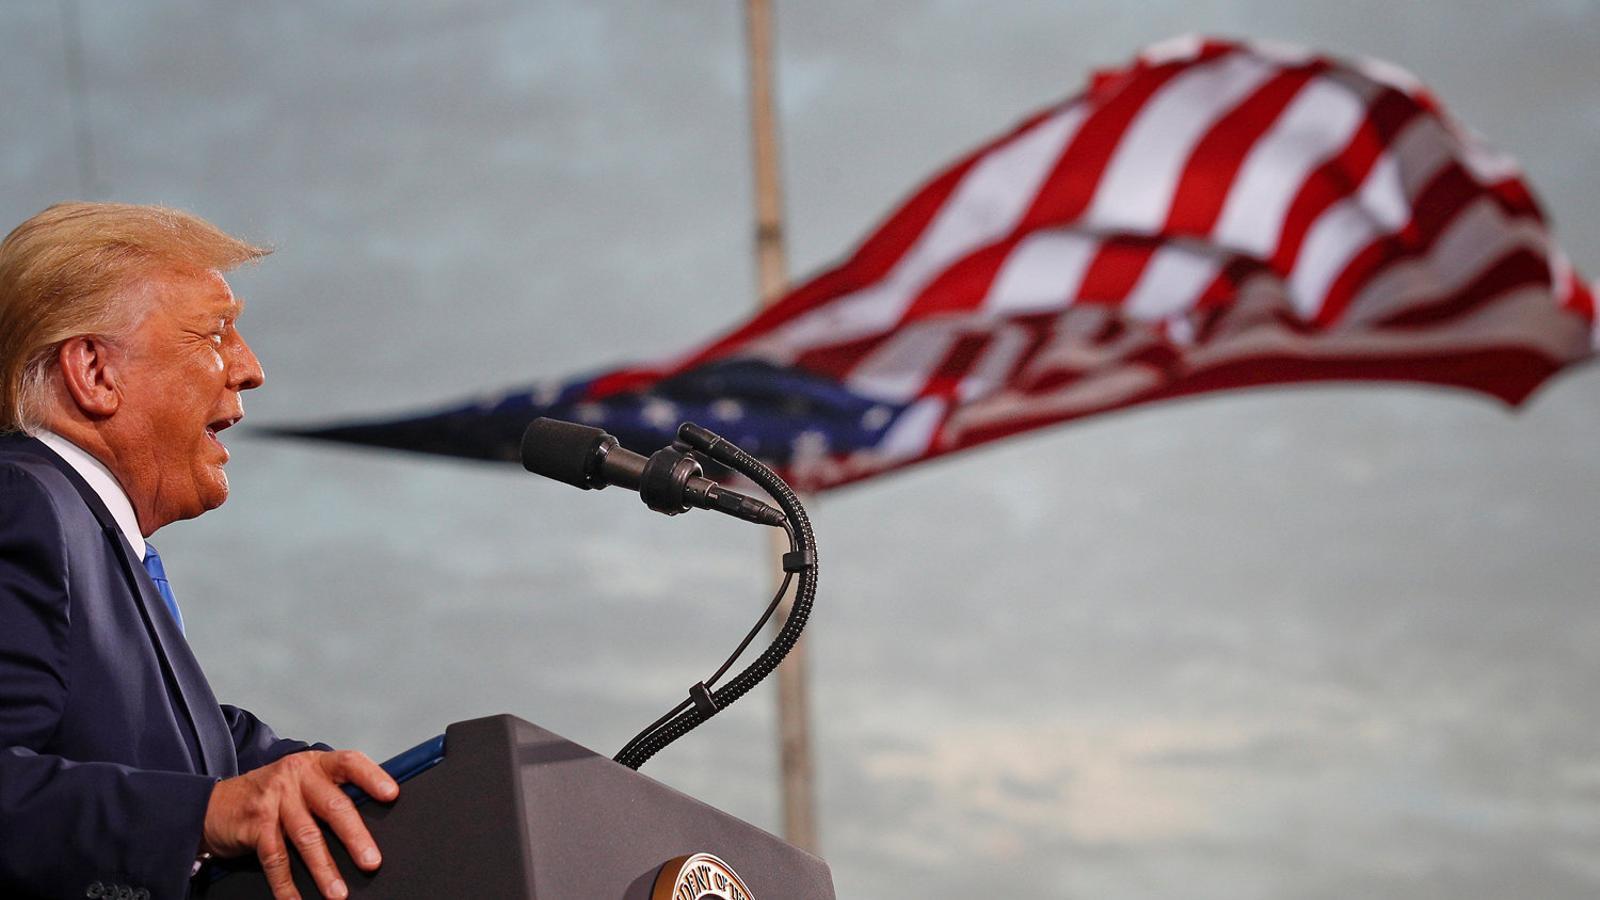 El president dels Estats Units, Donald Trump,  en un míting  de campanya per la seva reelecció, dijous passat a Jacksonville, a Florida, un dels estats clau.